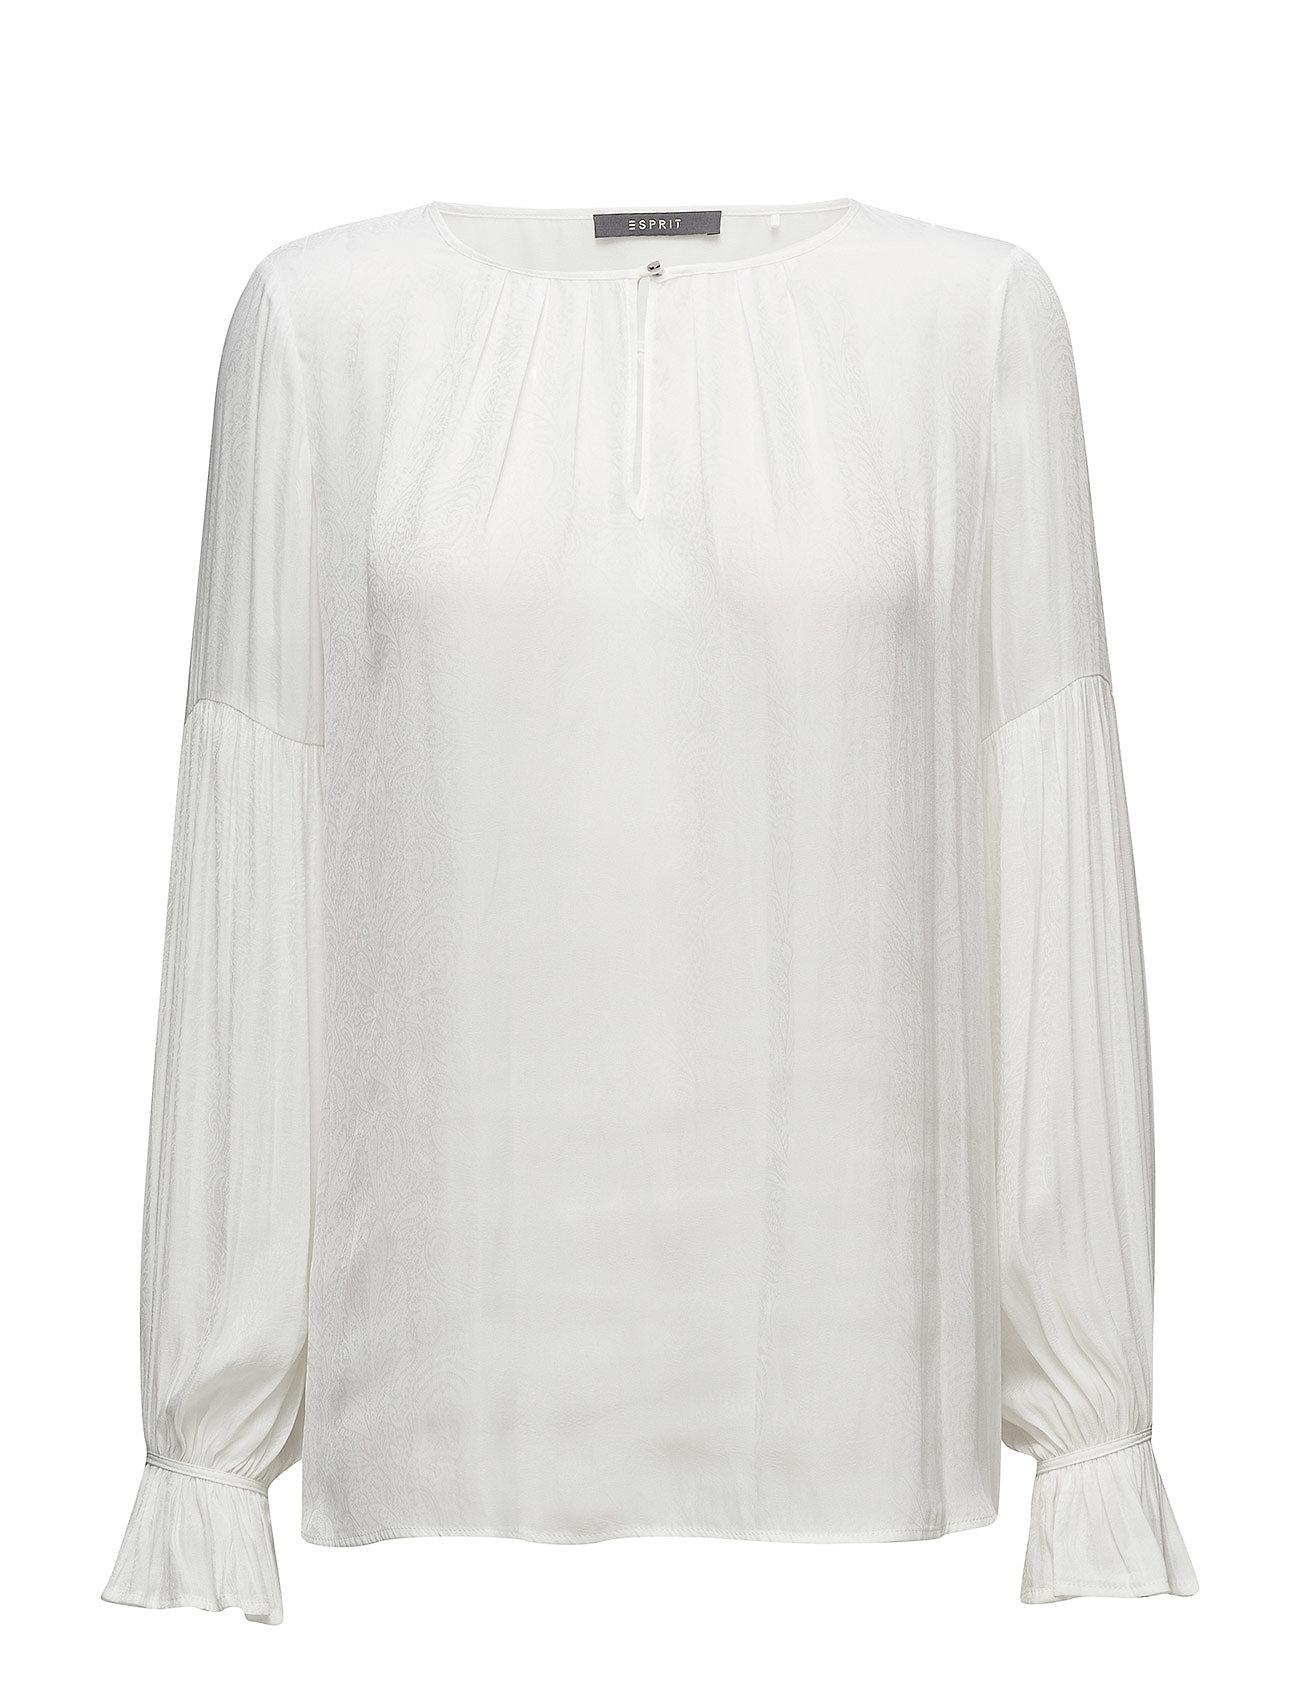 Blouses Woven Esprit Collection Langærmede til Damer i Off White